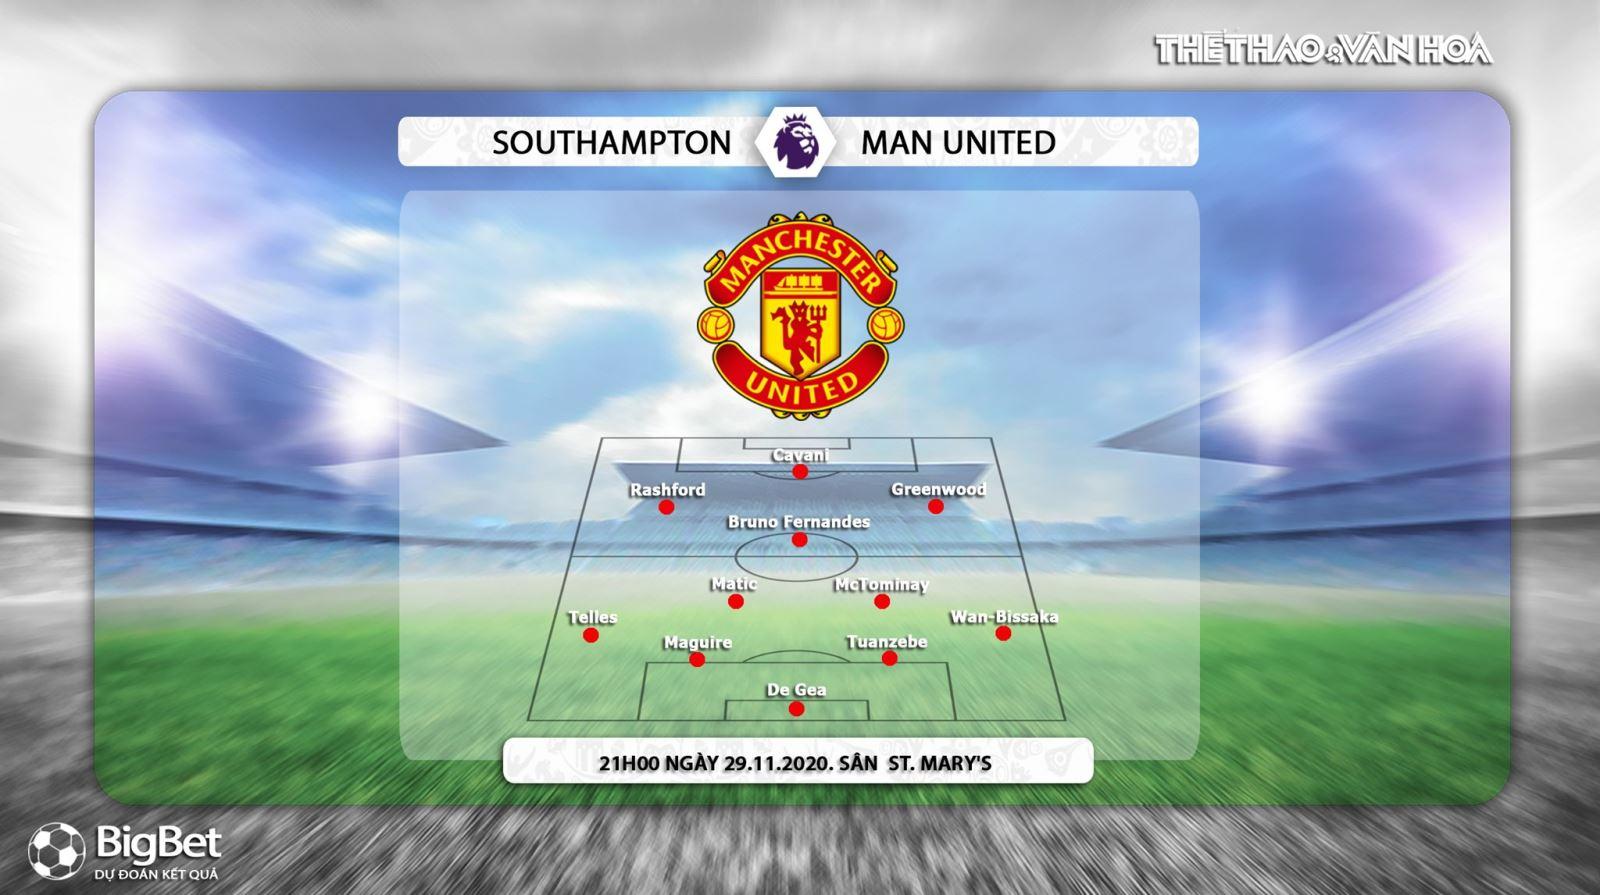 Keo nha cai, kèo nhà cái, Southampton vs MU, truc tiep bong da, ngoai hang Anh vòng 10, kèo bóng đá, trực tiếp MU đấu với Southampton, trực tiếp bóng đá Anh, kèo MU, K+PM